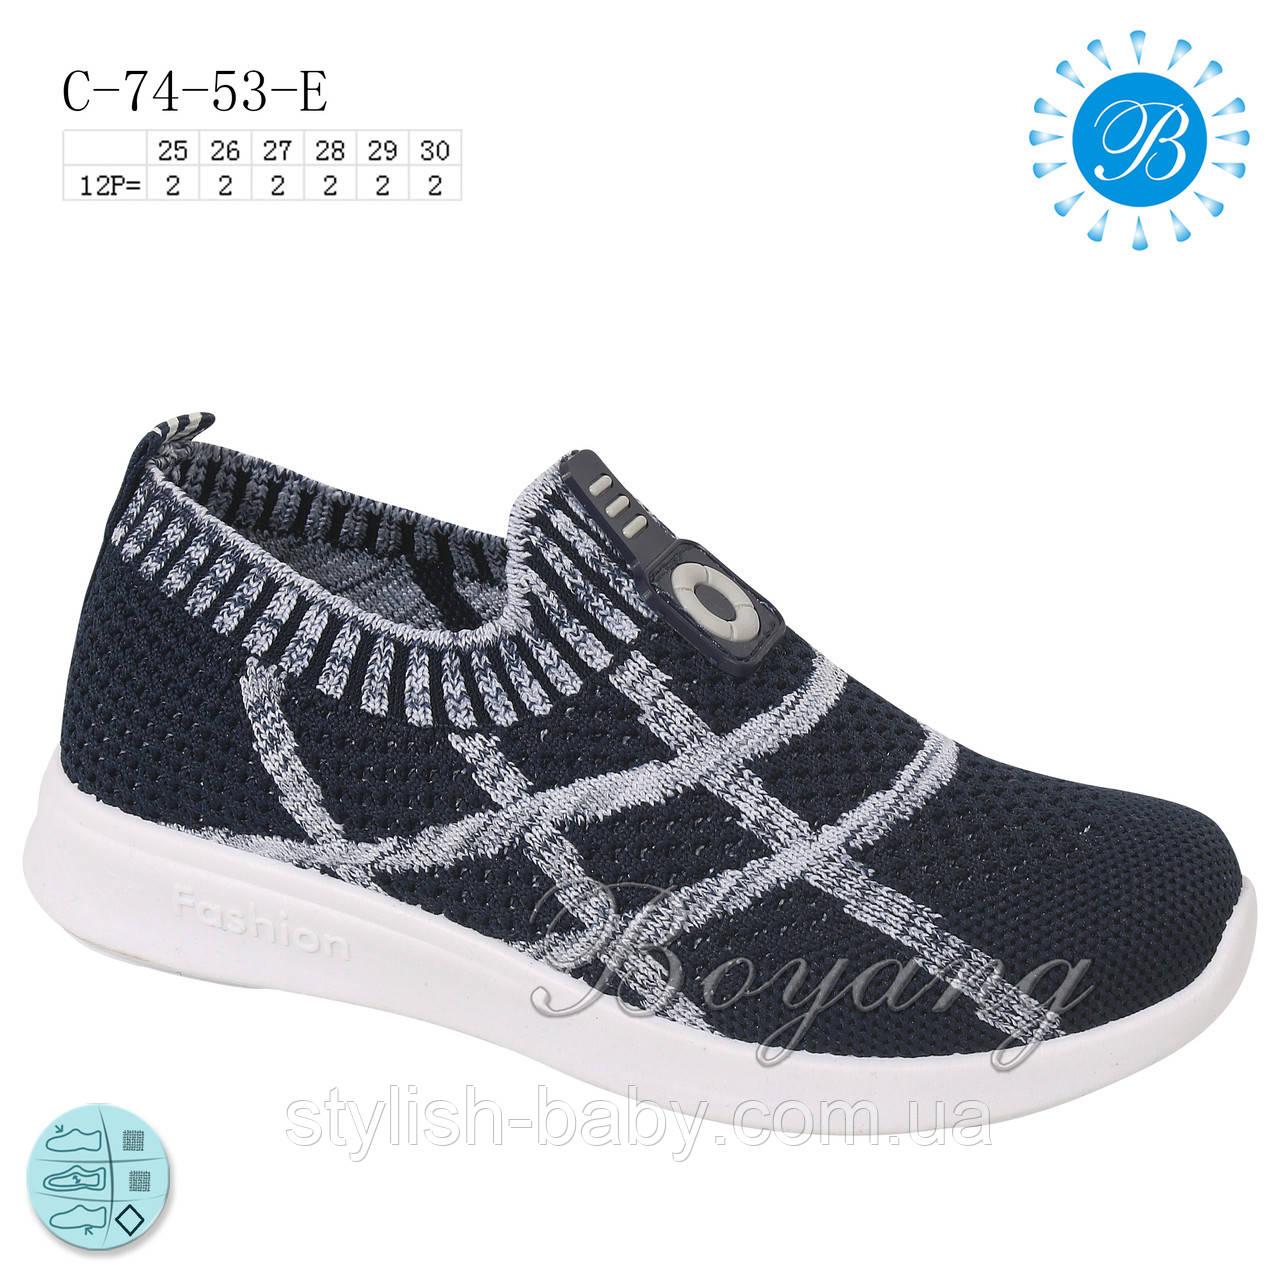 Детская обувь 2020 оптом. Детские кеды бренда Tom.m - Boyang для мальчиков (рр. с 25 по 30)